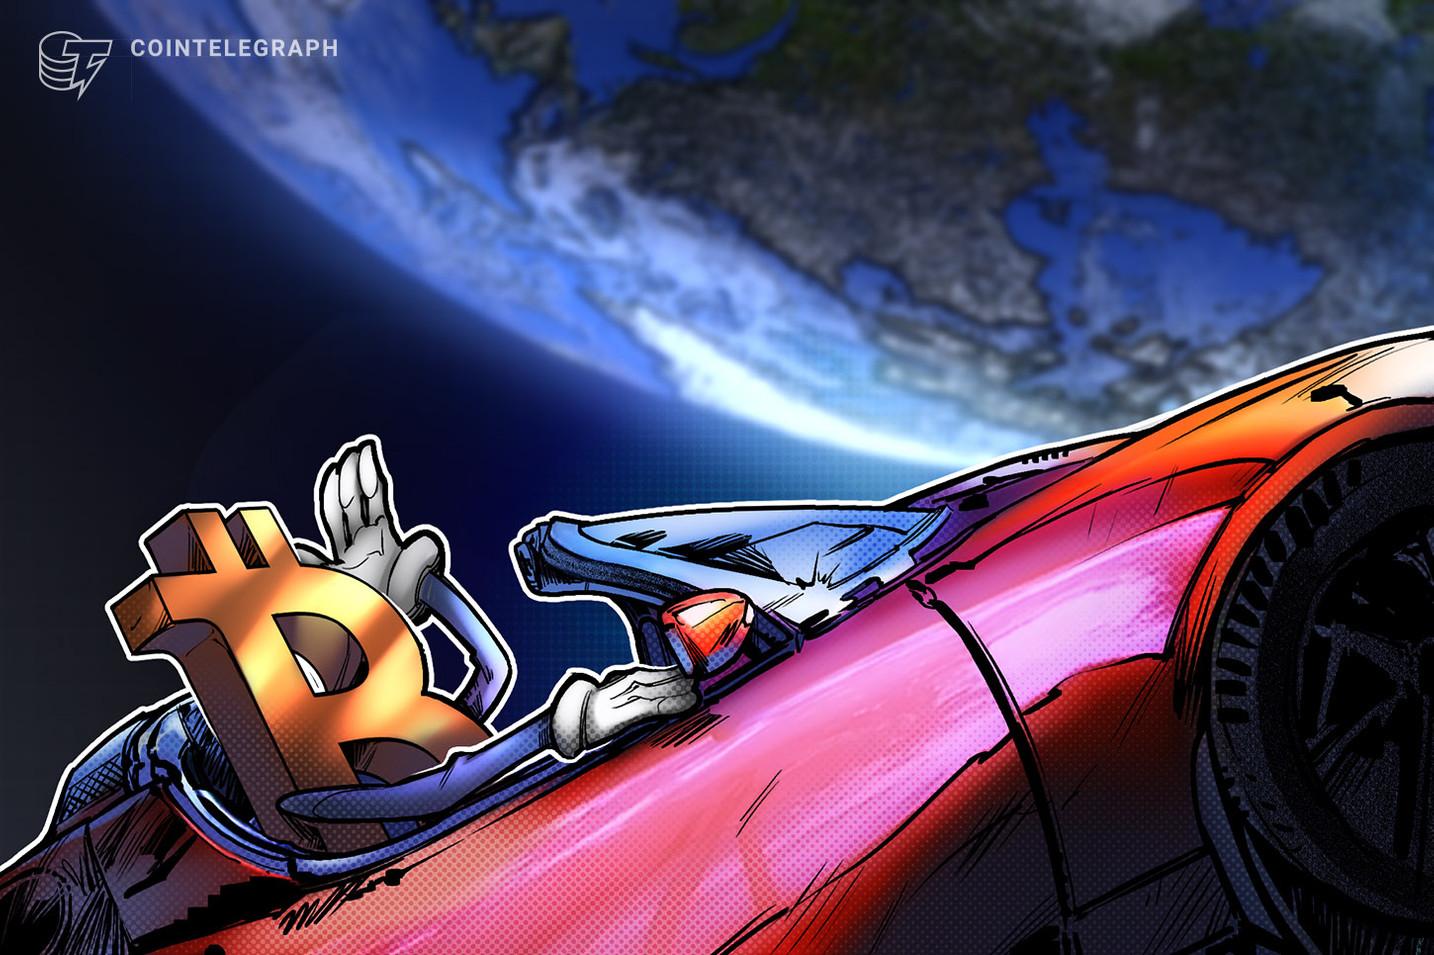 El número de billeteras con 100-1,000 BTC aumentó rápidamente desde que Tesla compró USD 1,500 millones en Bitcoin